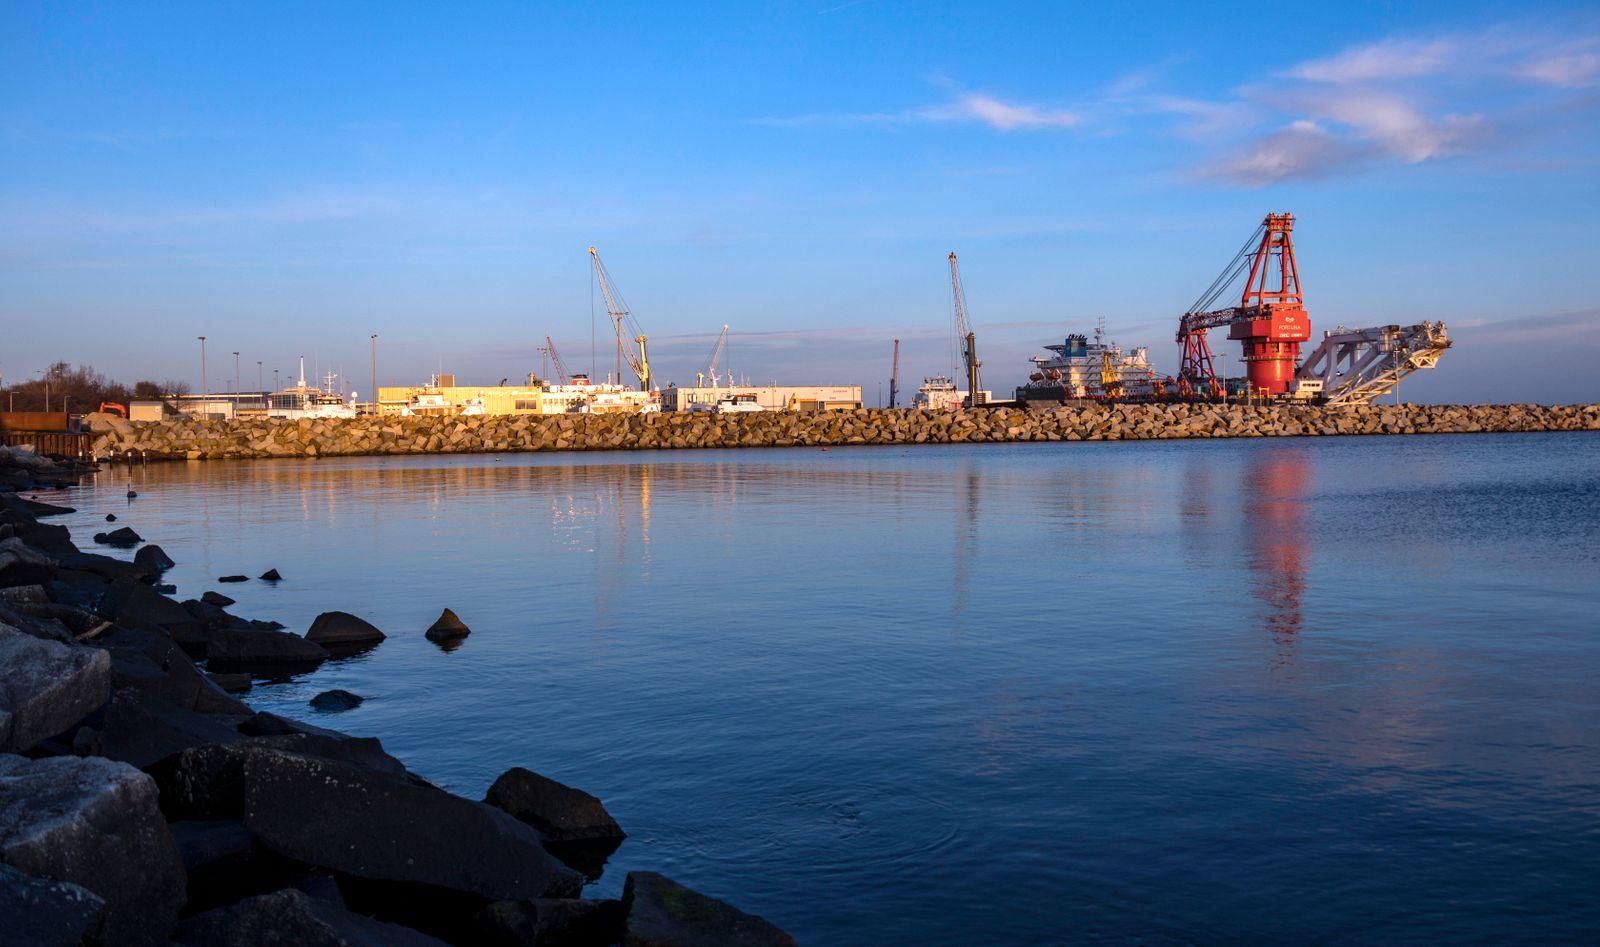 Verlegeschiff f¸r Nordstream 2 Das russische Verlegeschiff Fortuna wartet auf den Weiterbau der Gas-Pipeline Nordstream